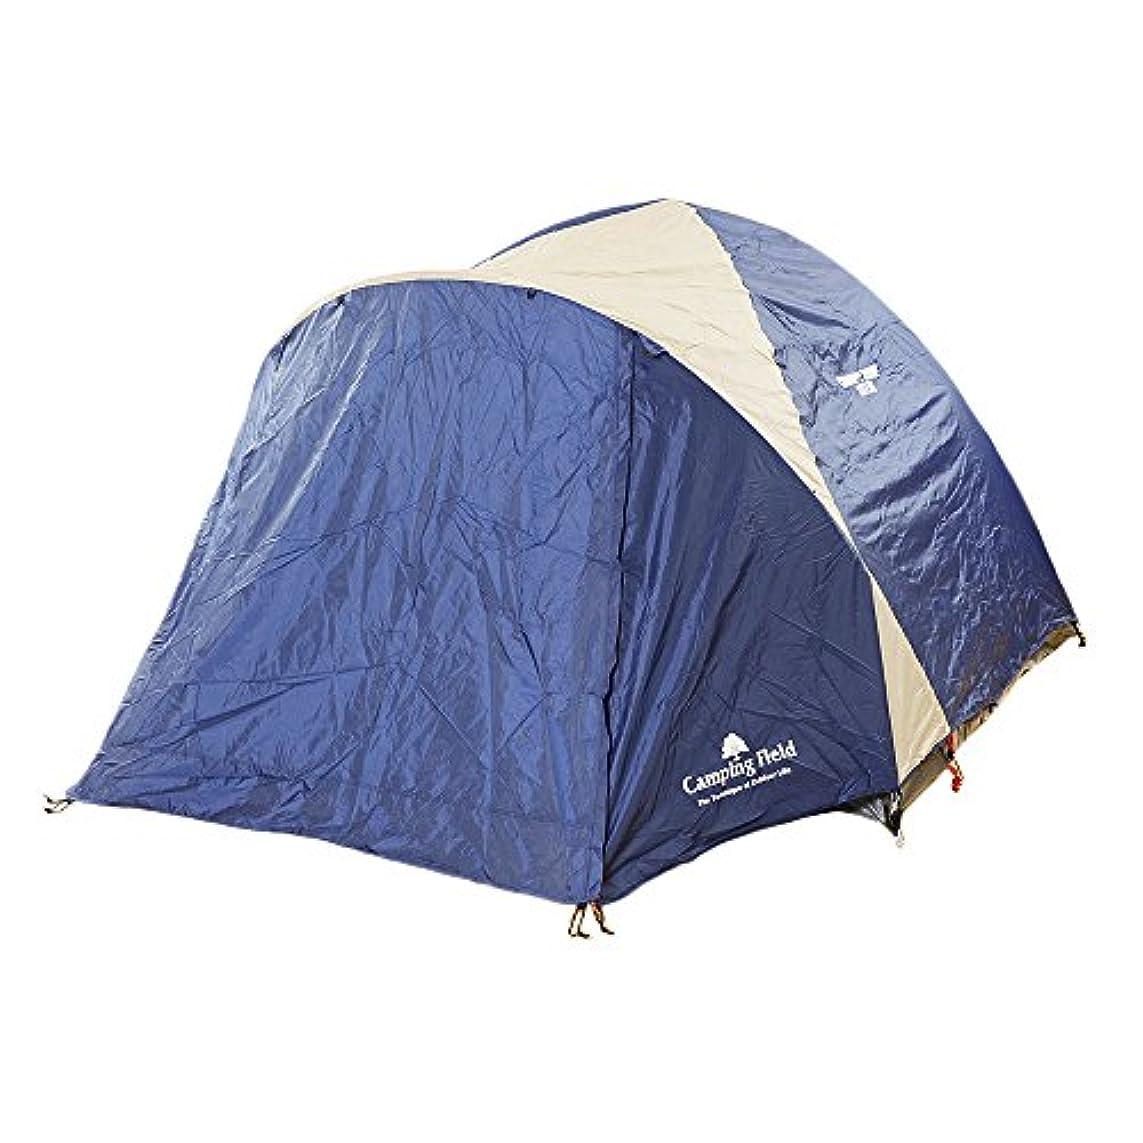 急流可動式消費者キャンピングフィールド(キャンピングフィールド) 【オンラインストア限定 キャノピードーム CF270 551F7VJ1001 キャンプ用品 ドーム型テント